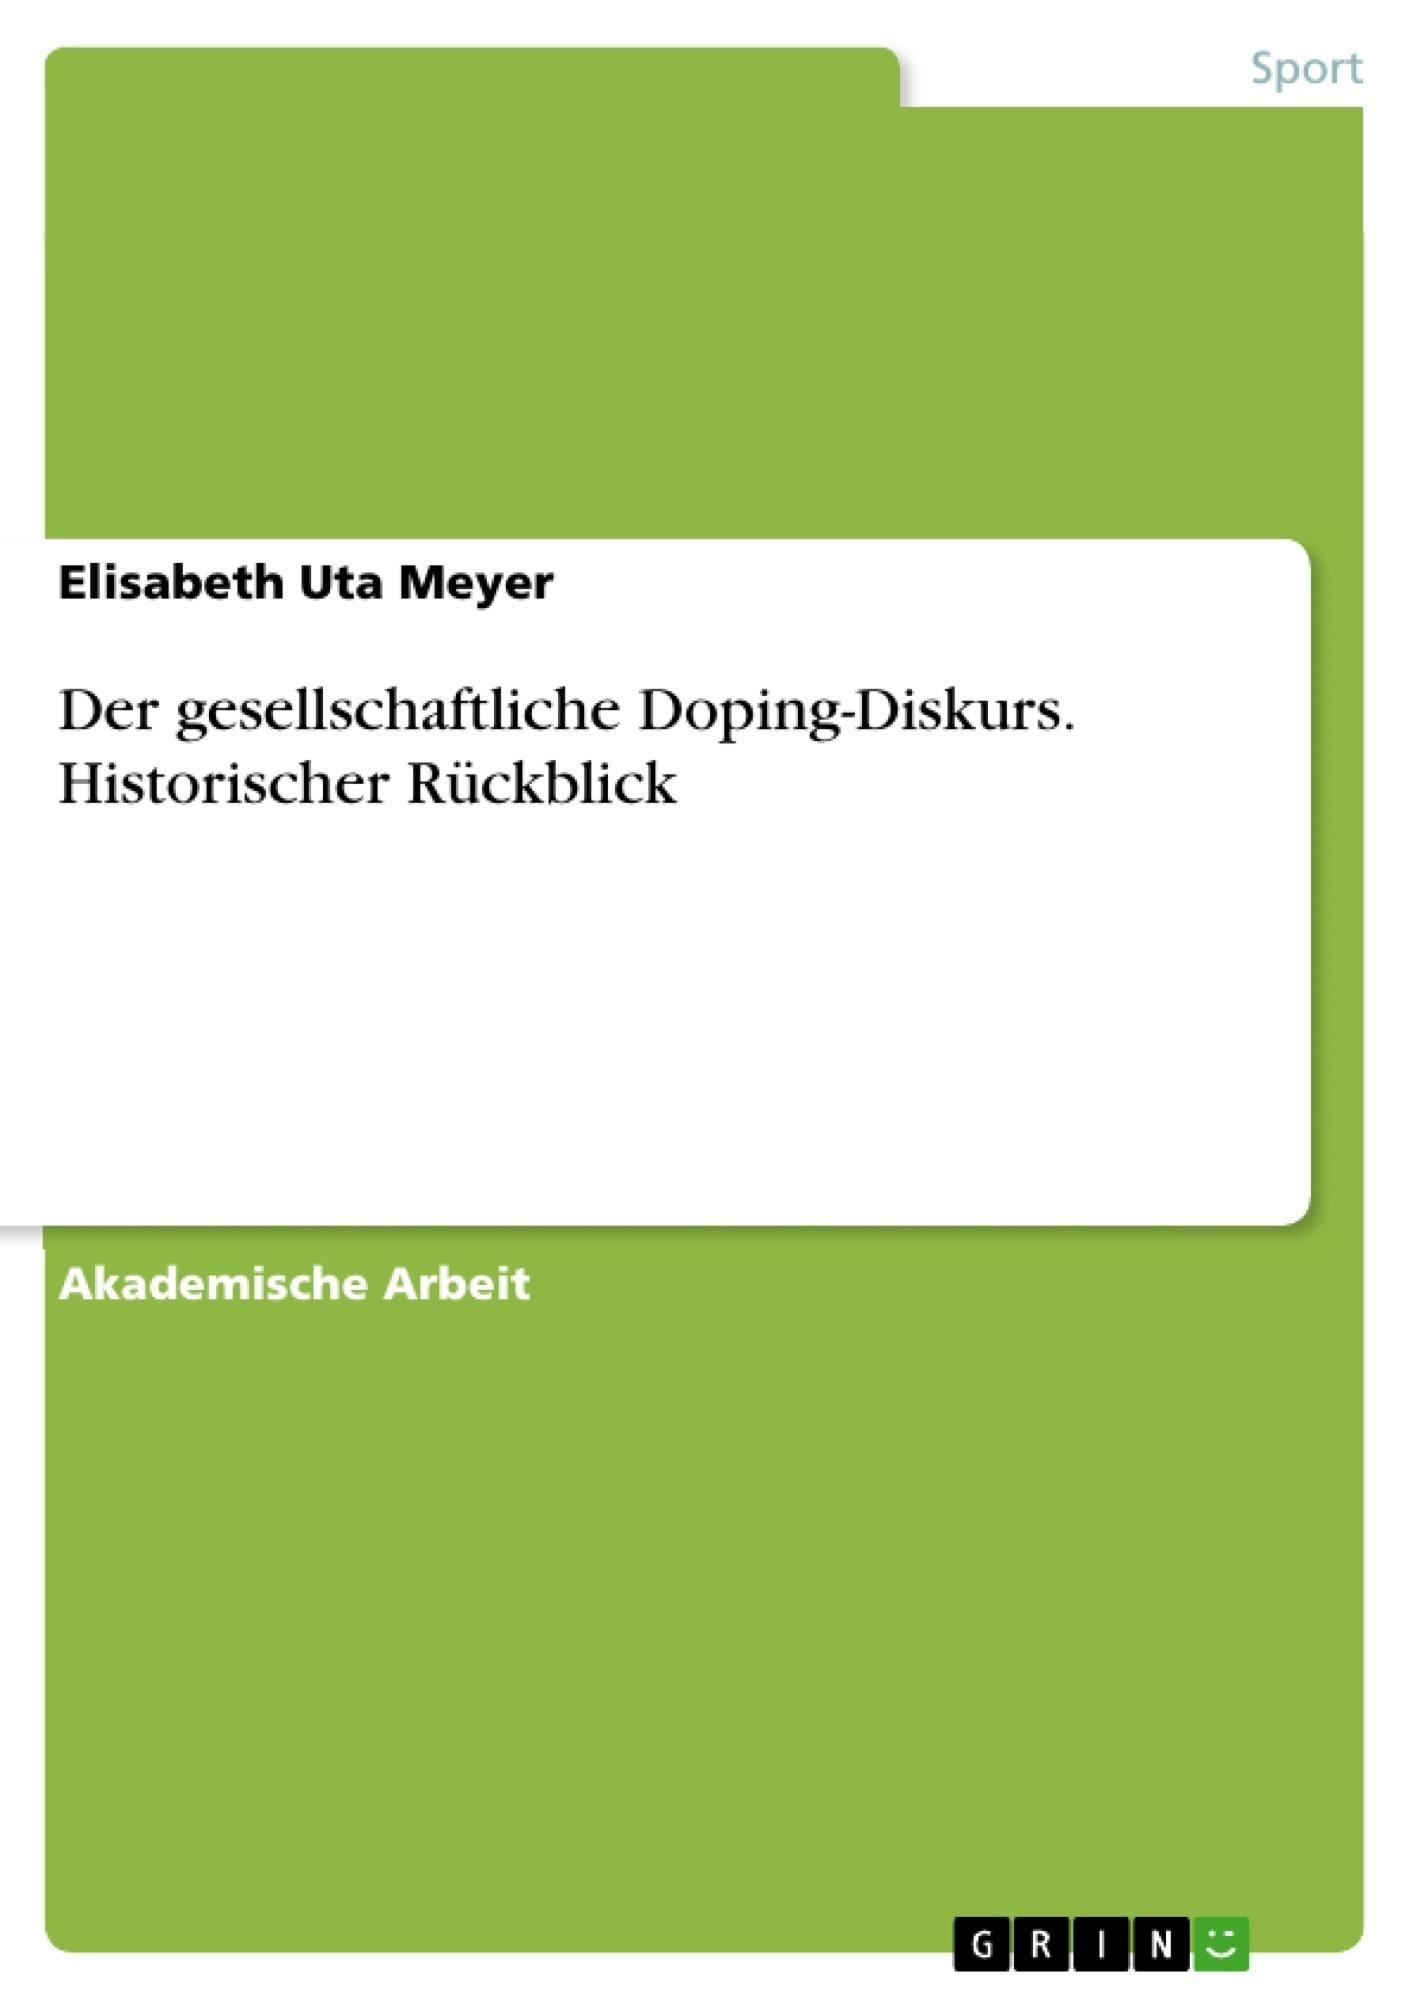 Titel: Der gesellschaftliche Doping-Diskurs. Historischer Rückblick